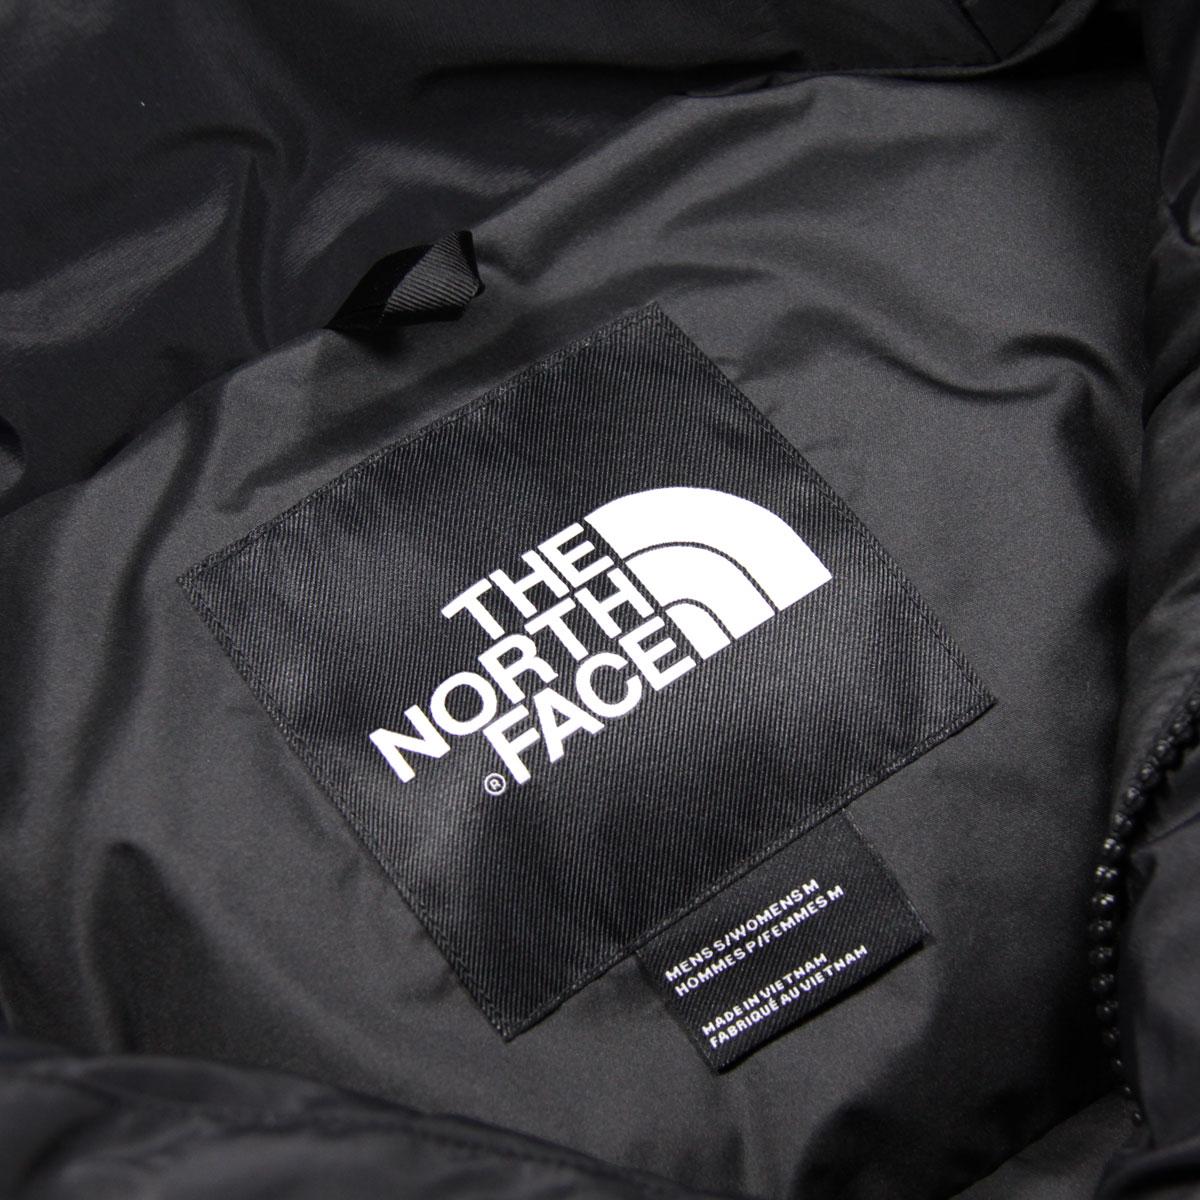 ノースフェイス ヒマラヤ メンズ 正規品 THE NORTH FACE ダウンジャケット アウター M HIMALAYAN HMLYN DOWN PARKA JACKET NF0A4QYX TNF BLACK A14B B1C C1D D4E E13F